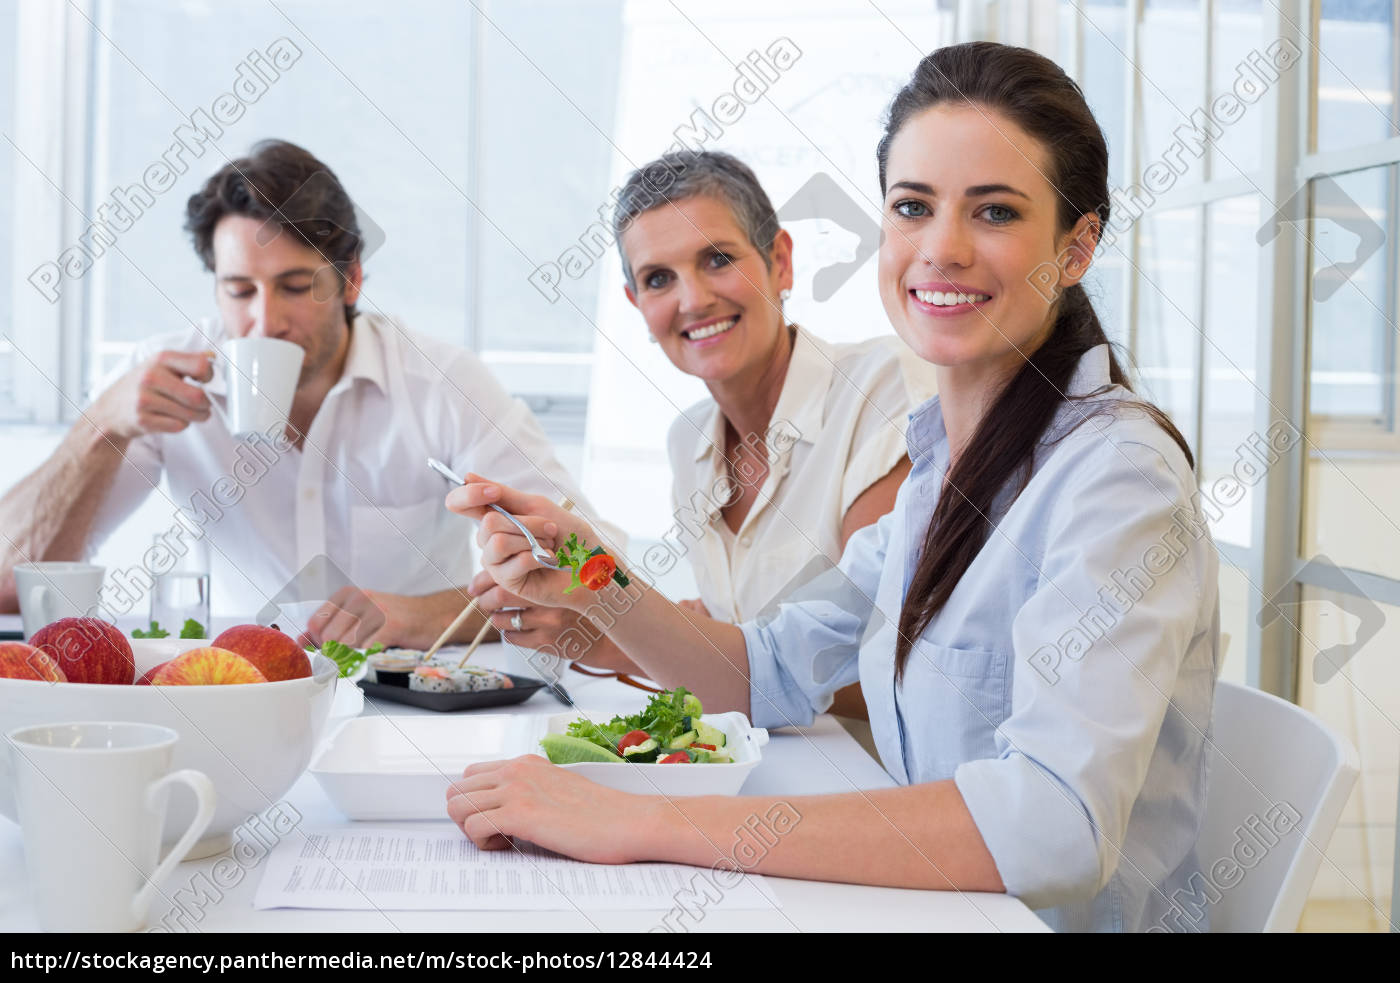 arbeiter, essen, mittagessen, und, trinken, kaffee - 12844424